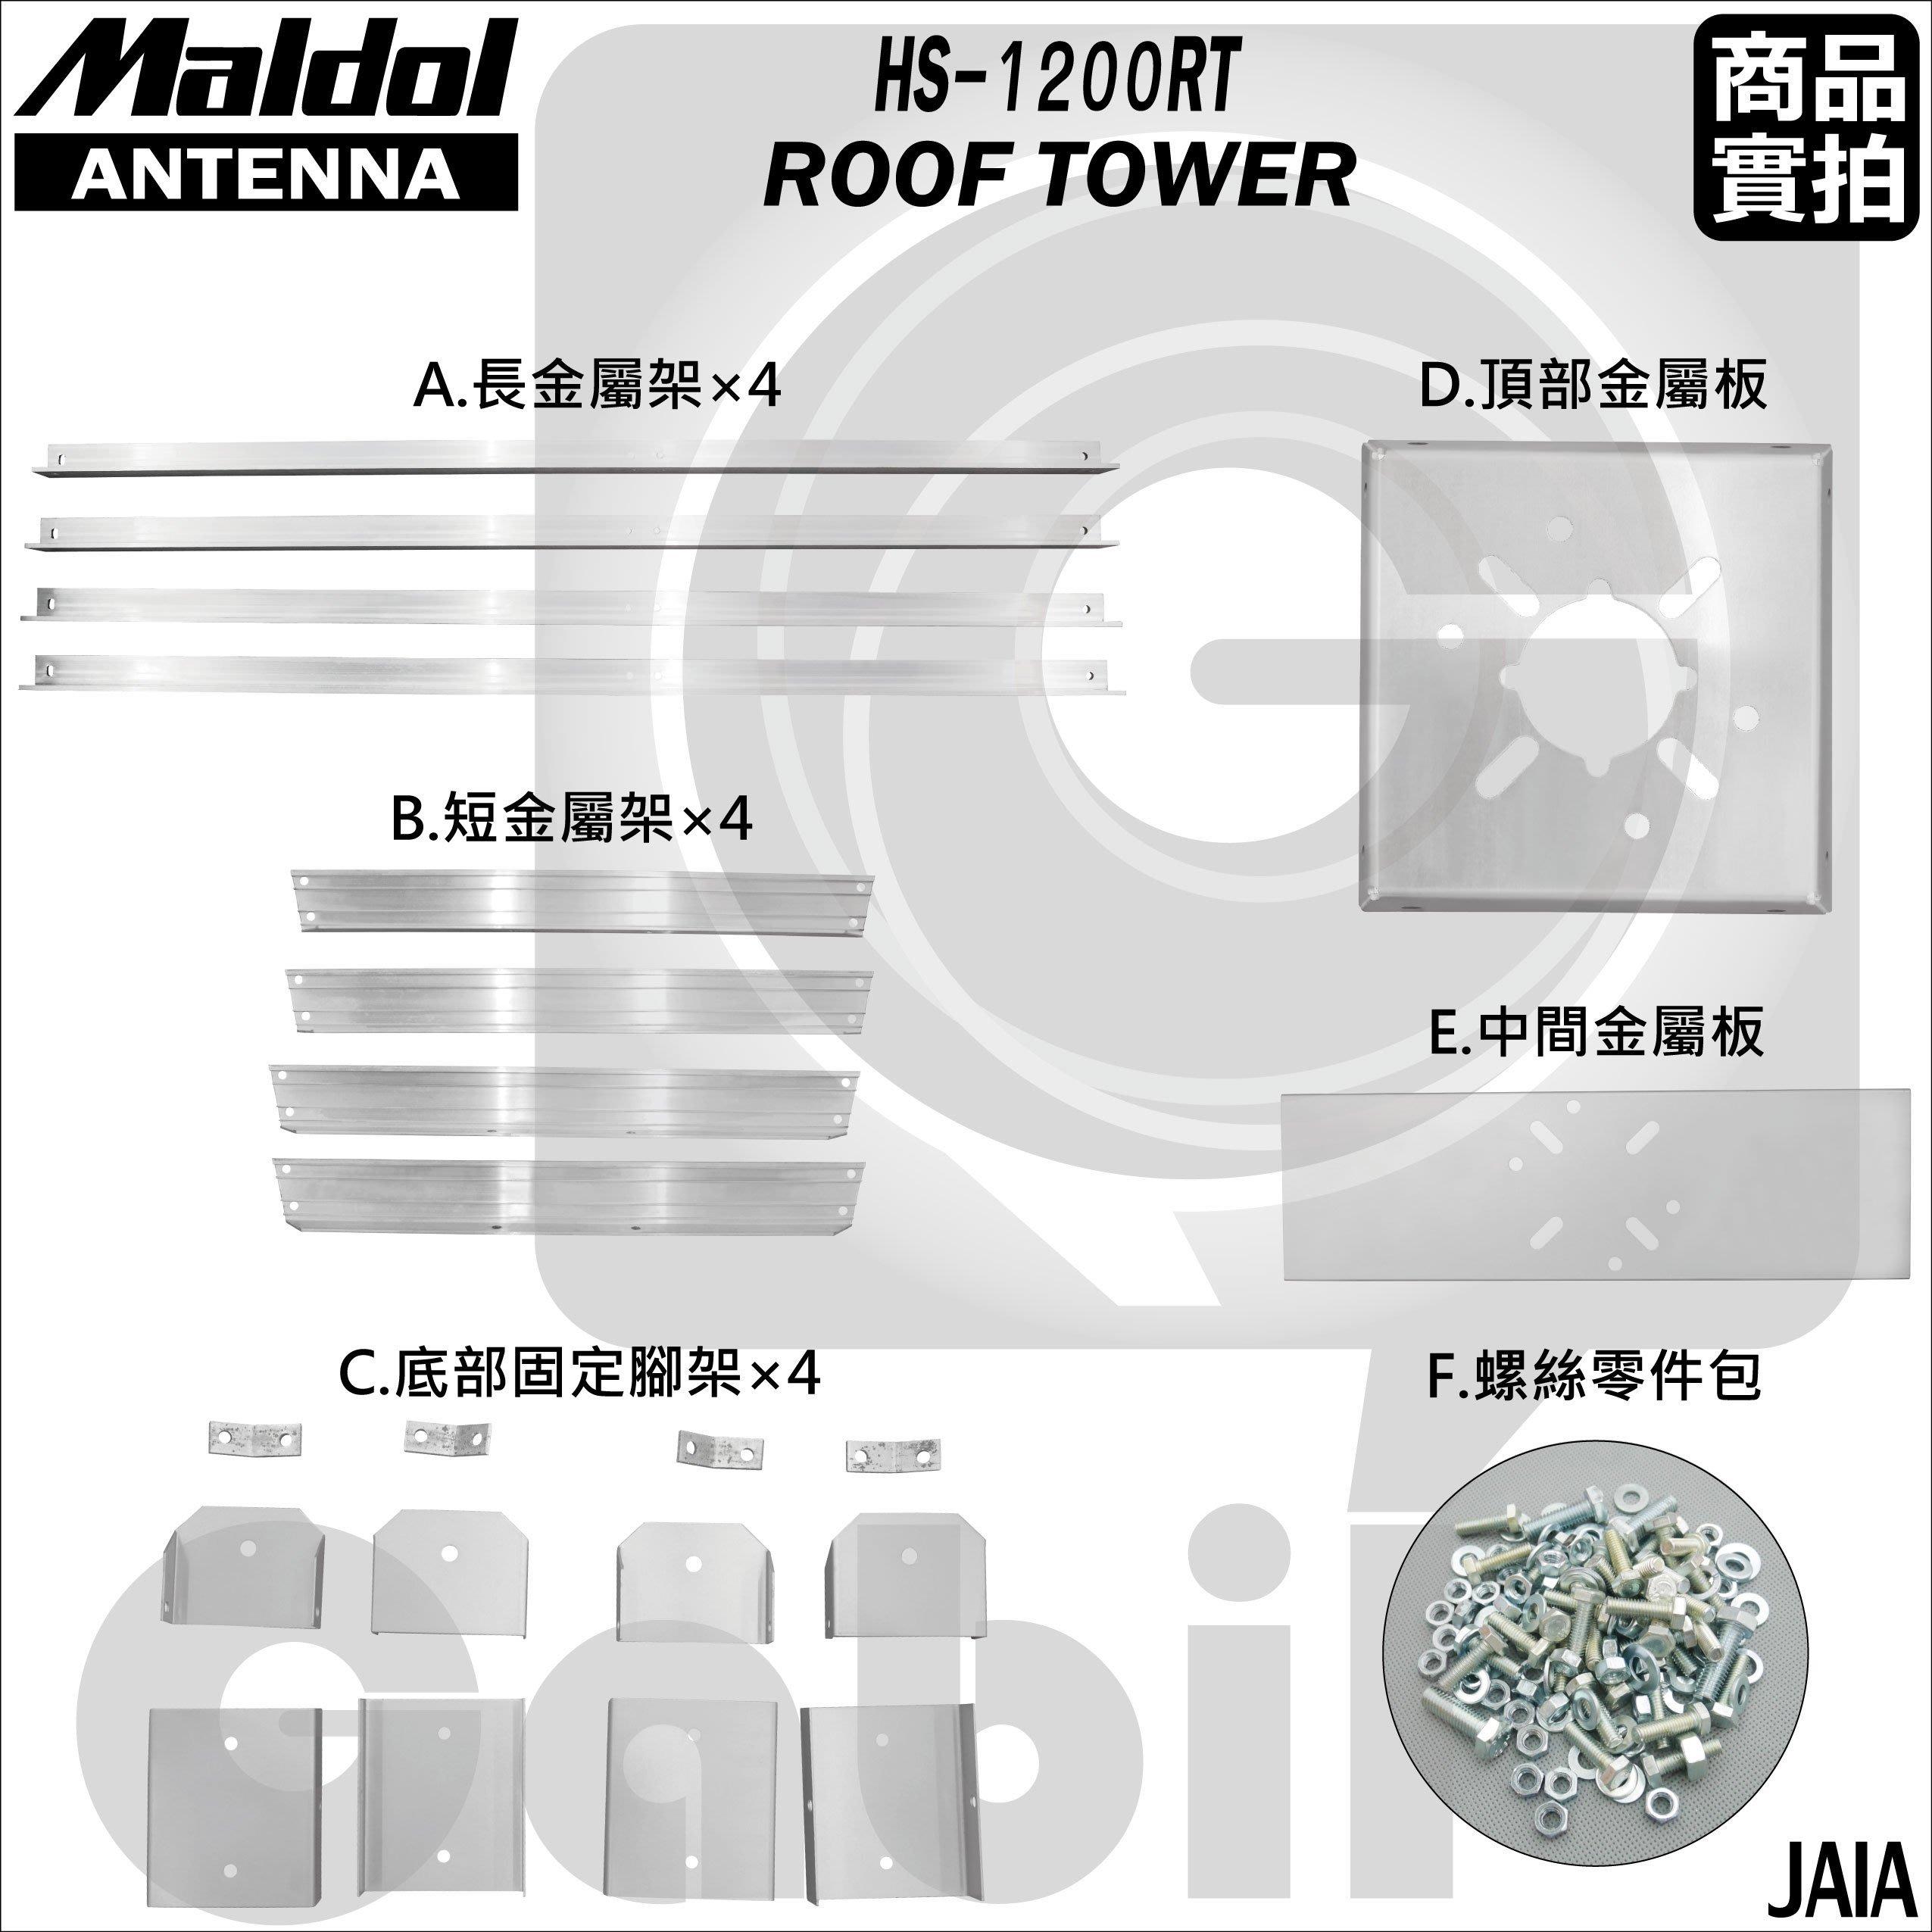 【中區無線電】Maldol HS-1200RT 日本原裝 定向天線旋轉器 固定架 三角架 可外掛馬達 基地台